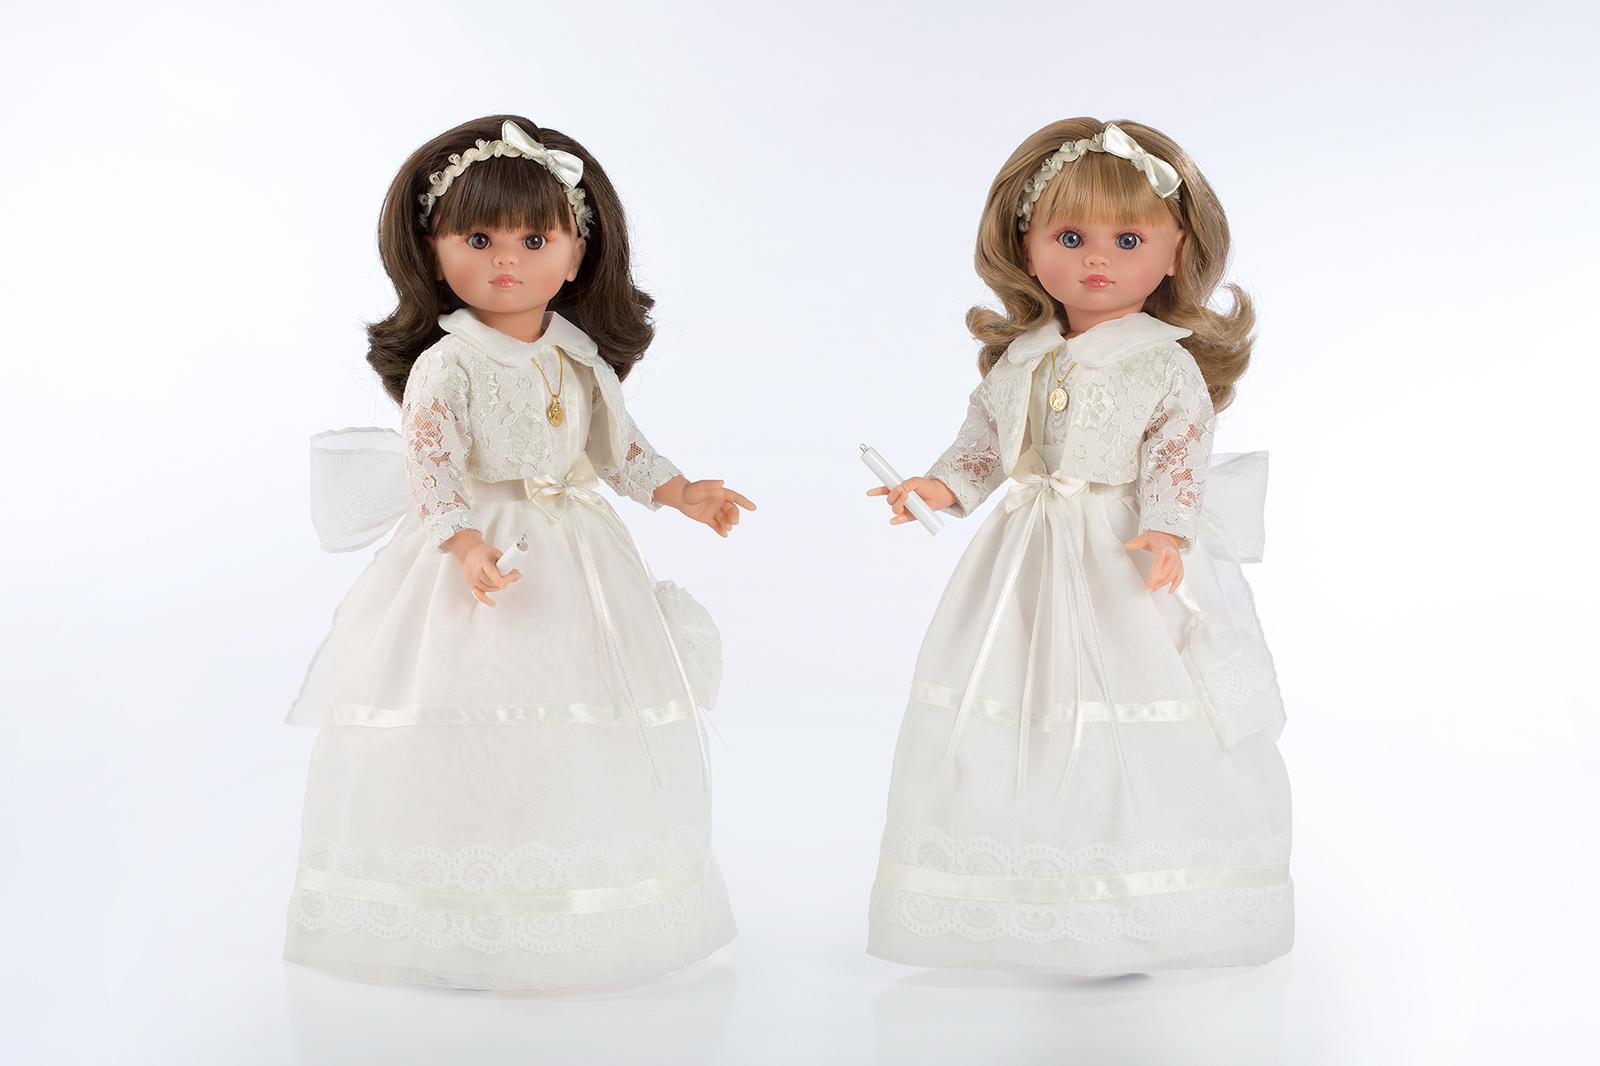 fotografía de producto profesional muñecas